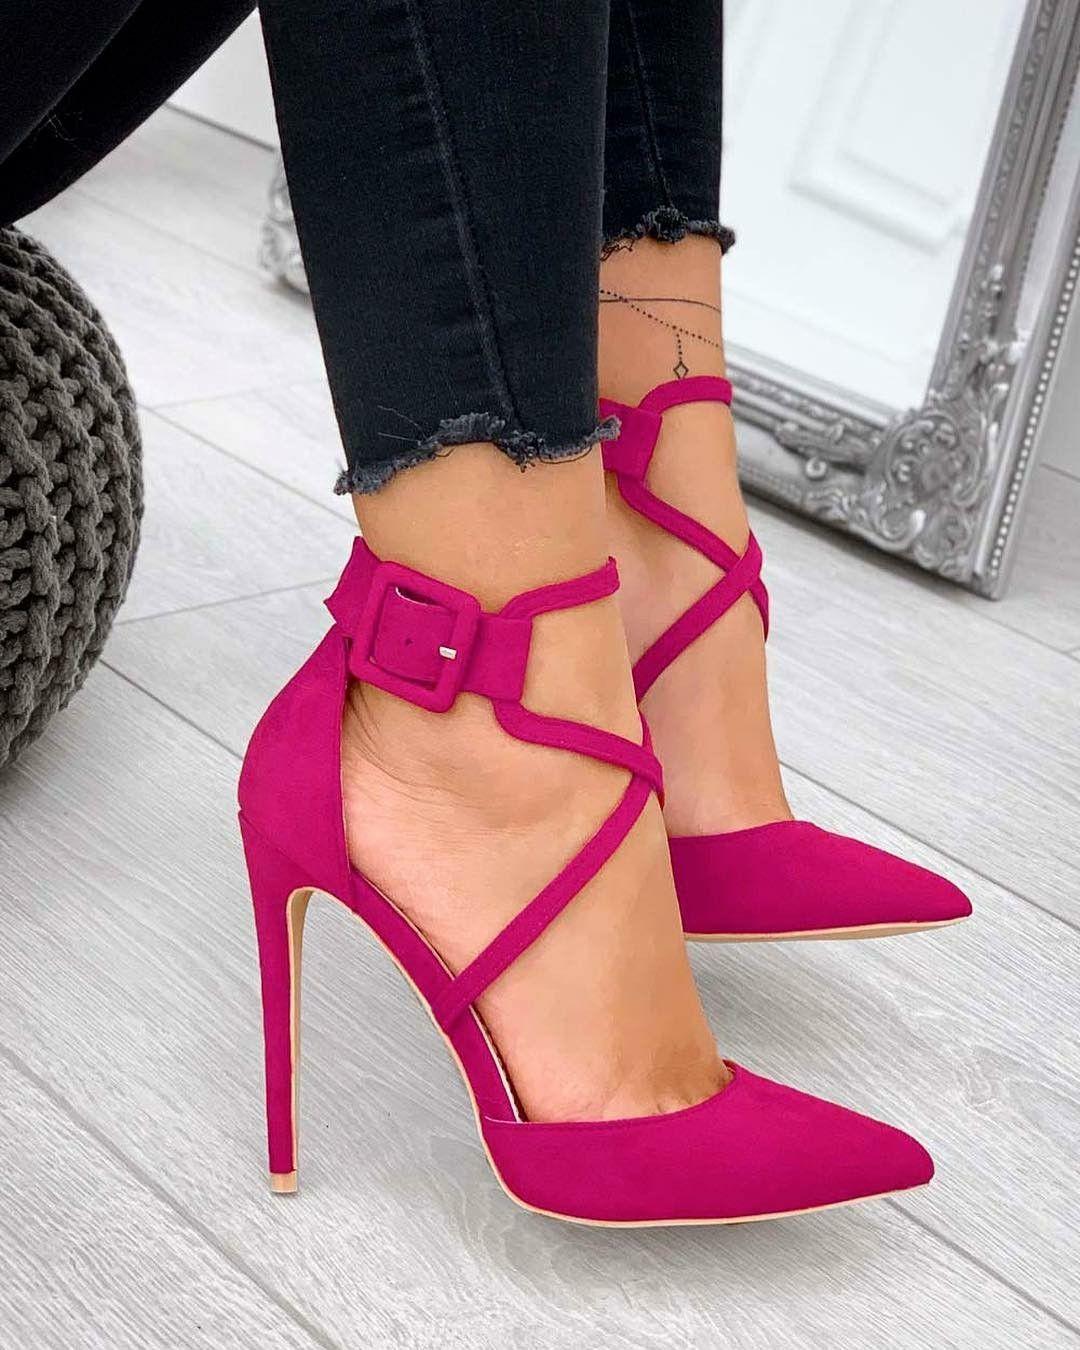 Heels, High heels, Sandals heels